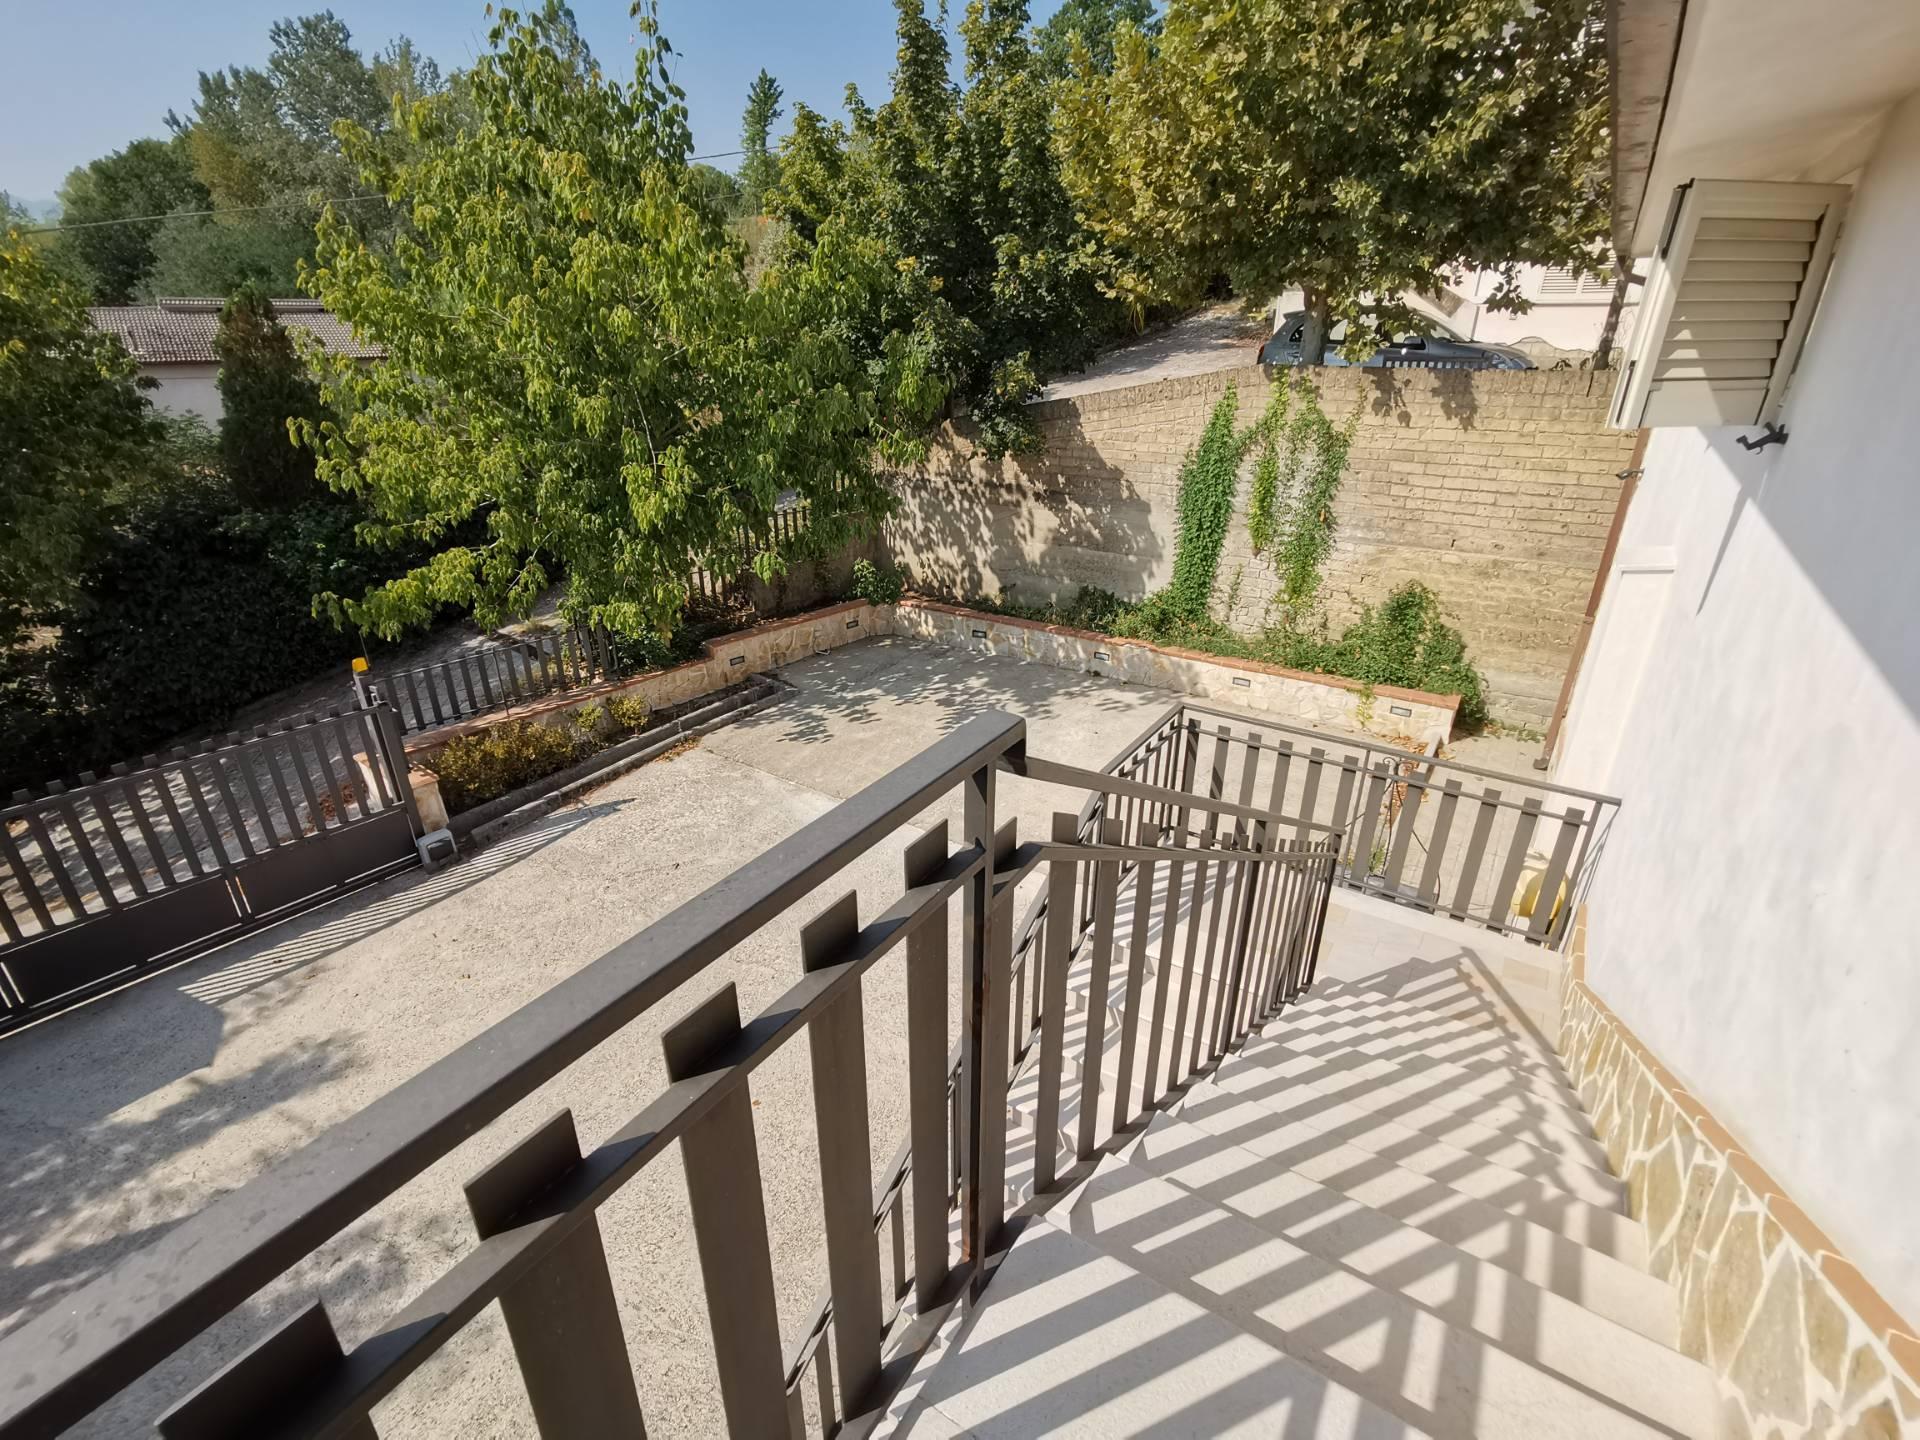 Villa Unifamiliare - Indipendente BENEVENTO vendita  CONTRADE  Iadanza servizi immobiliari RE